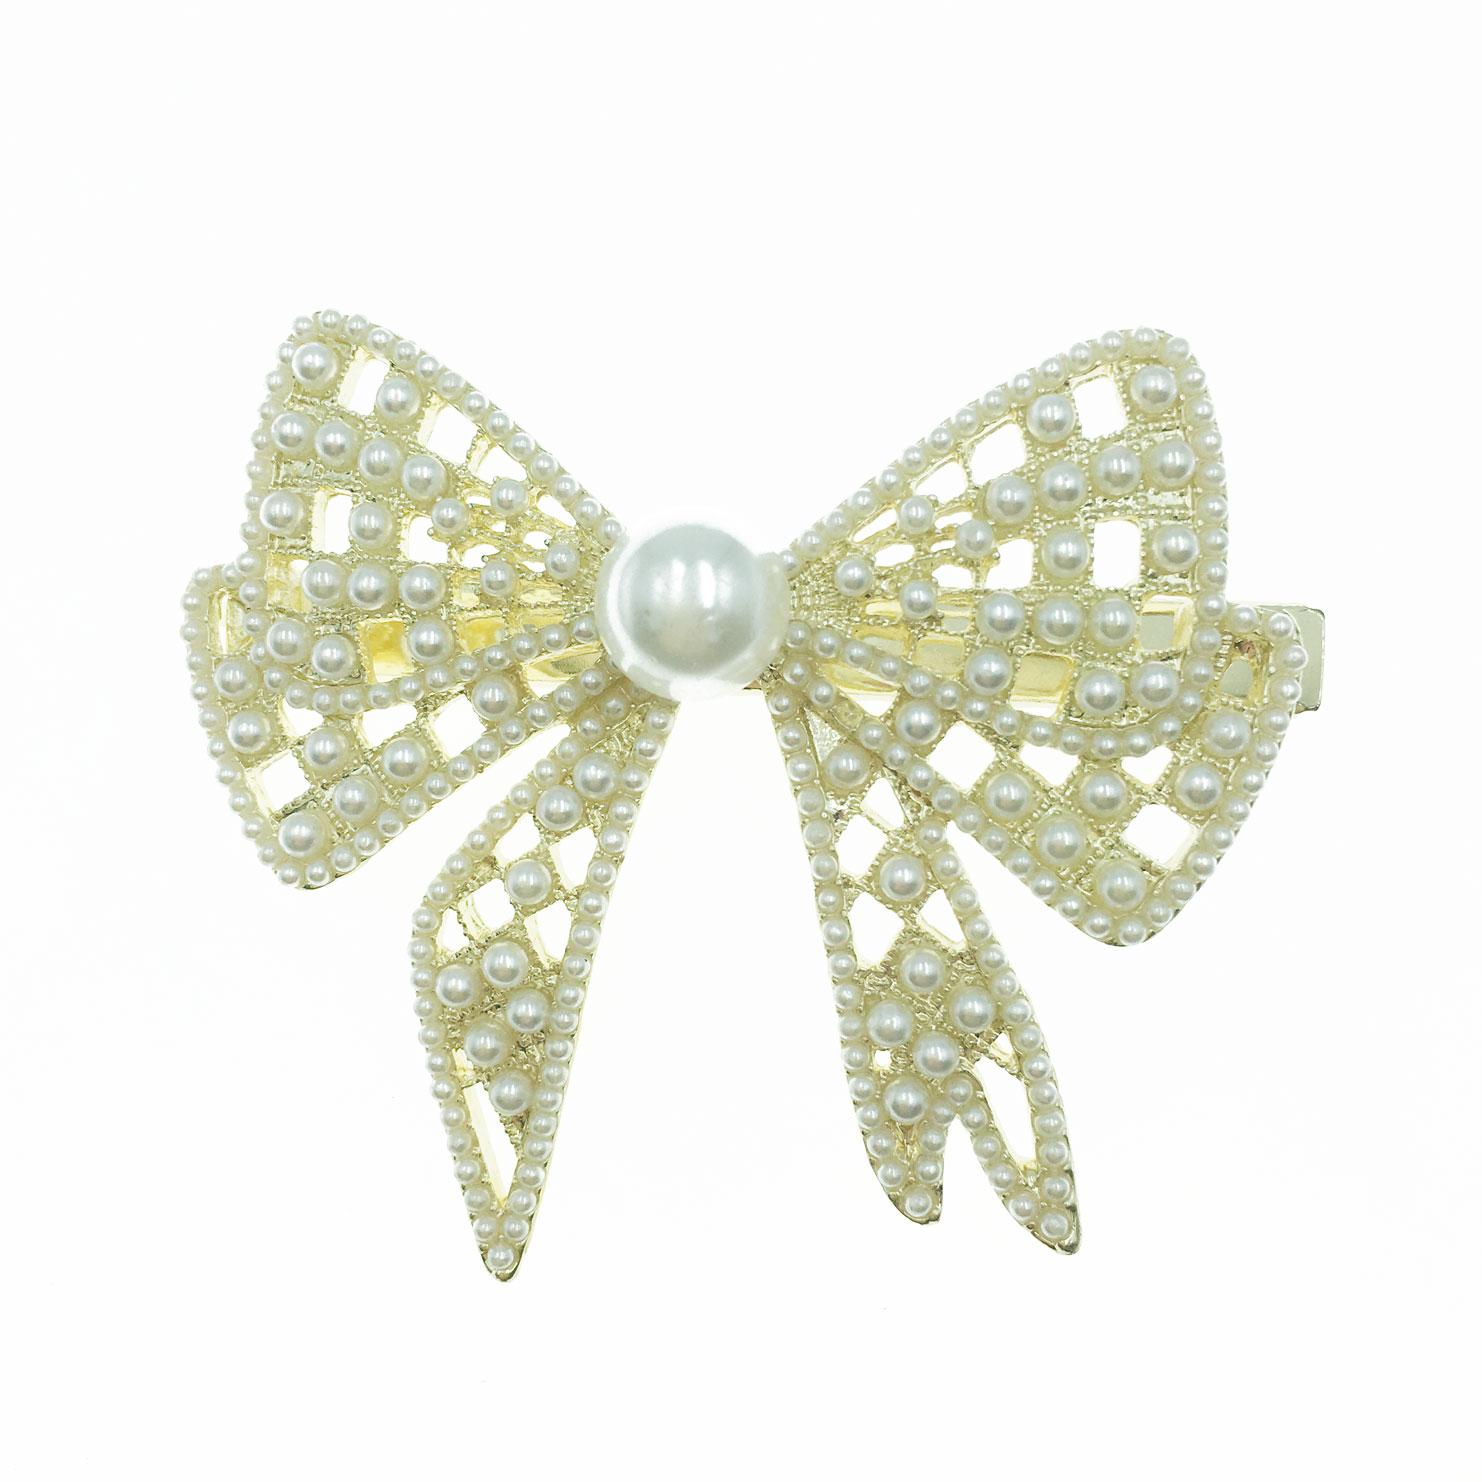 韓國 珍珠 大 蝴蝶結 造型 壓夾 髮飾